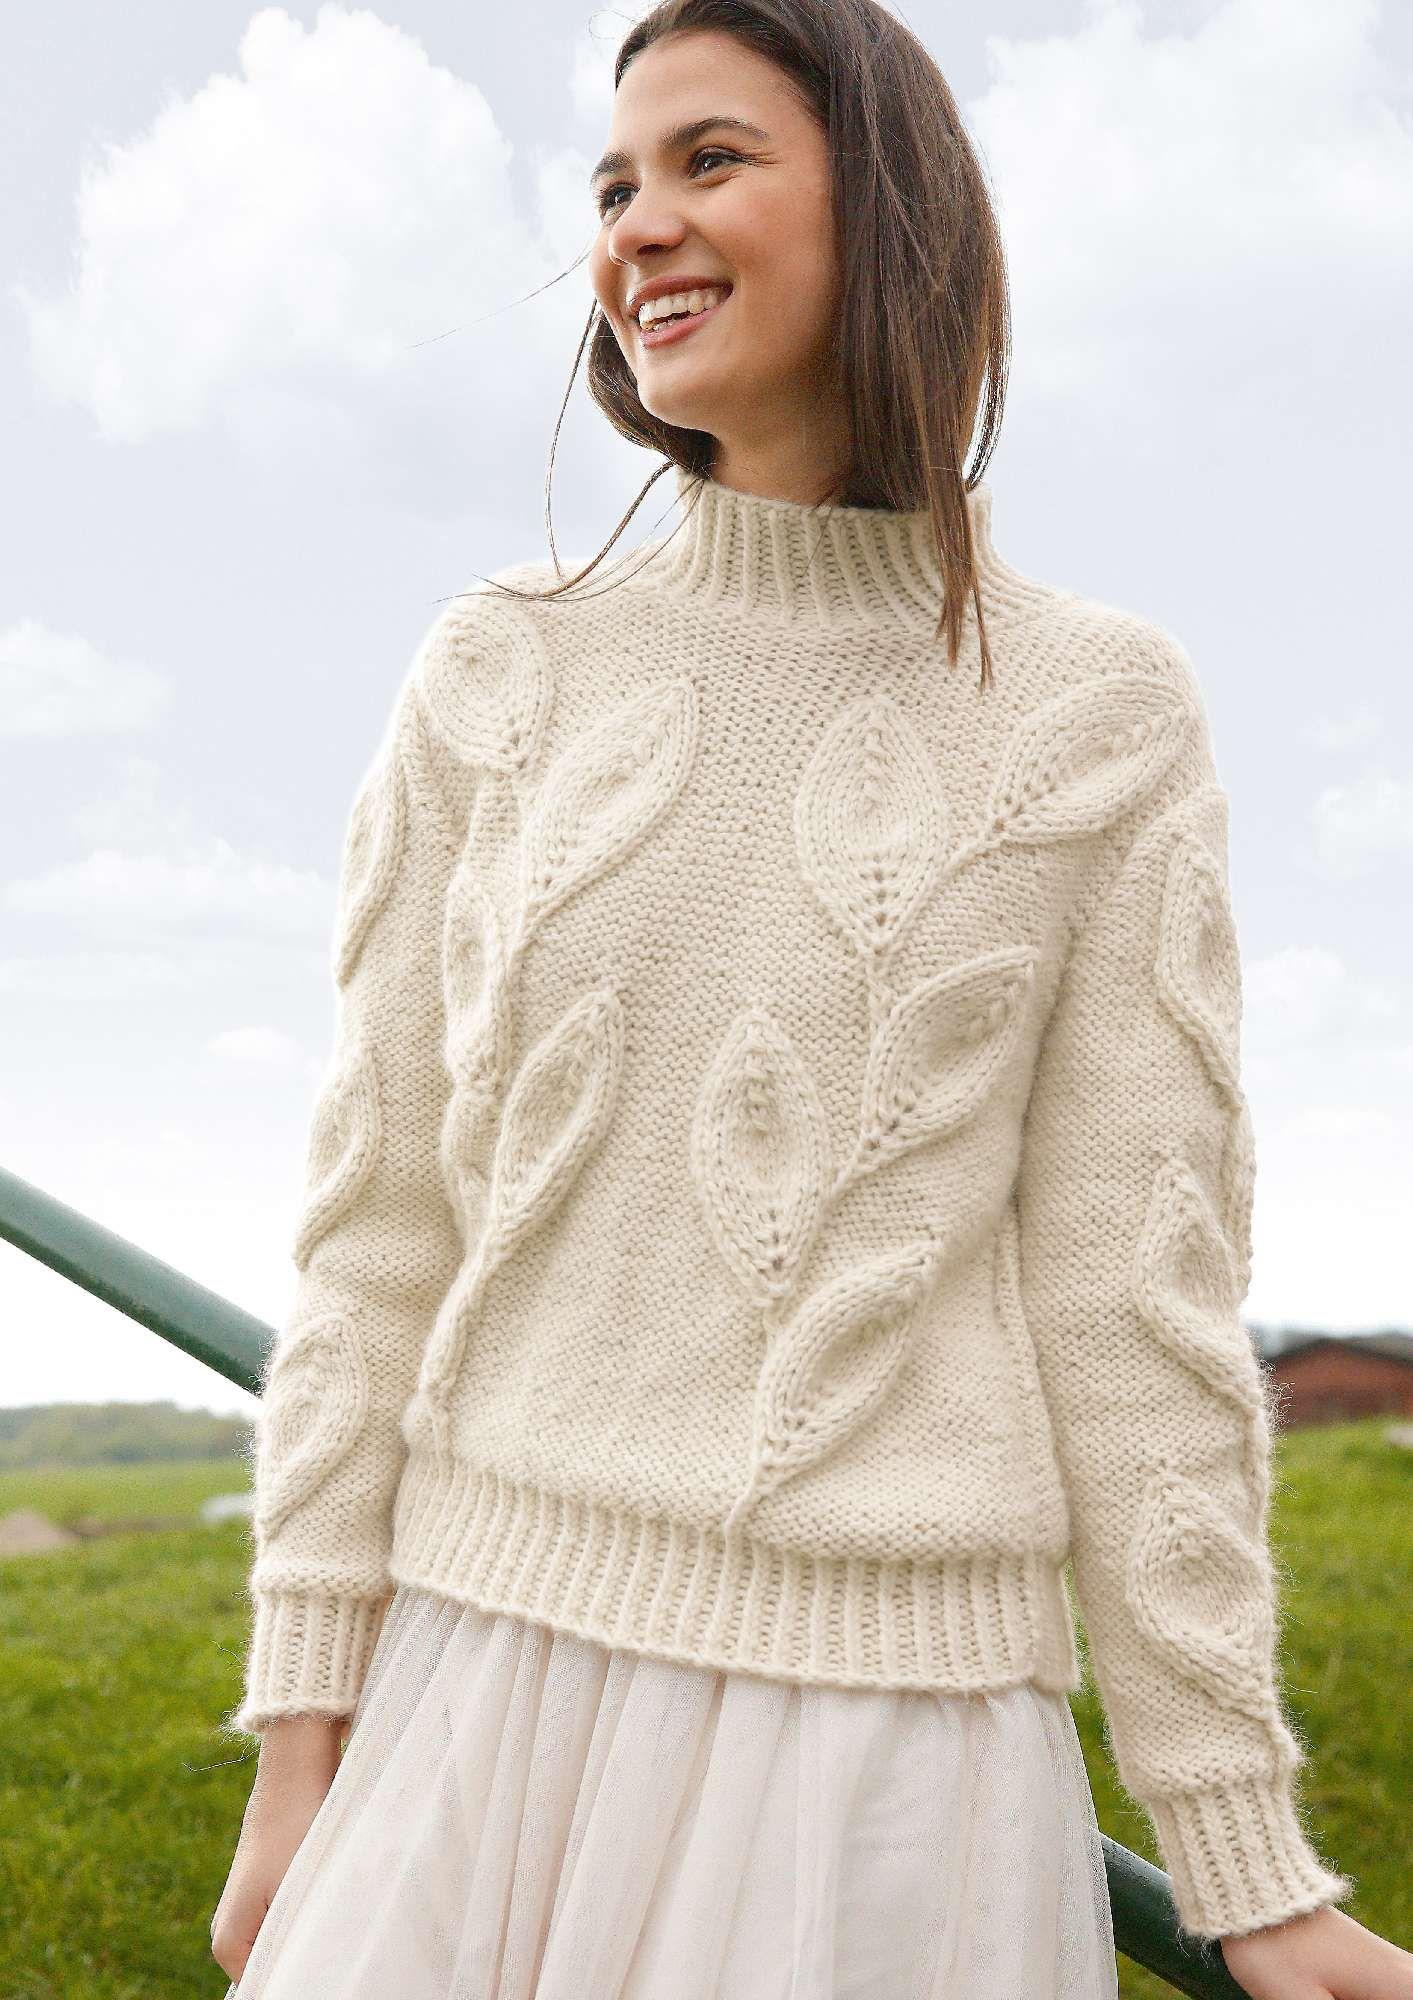 Strickmode in Naturweiß: Pullover mit Blattmuster | Gehäkelt und ...